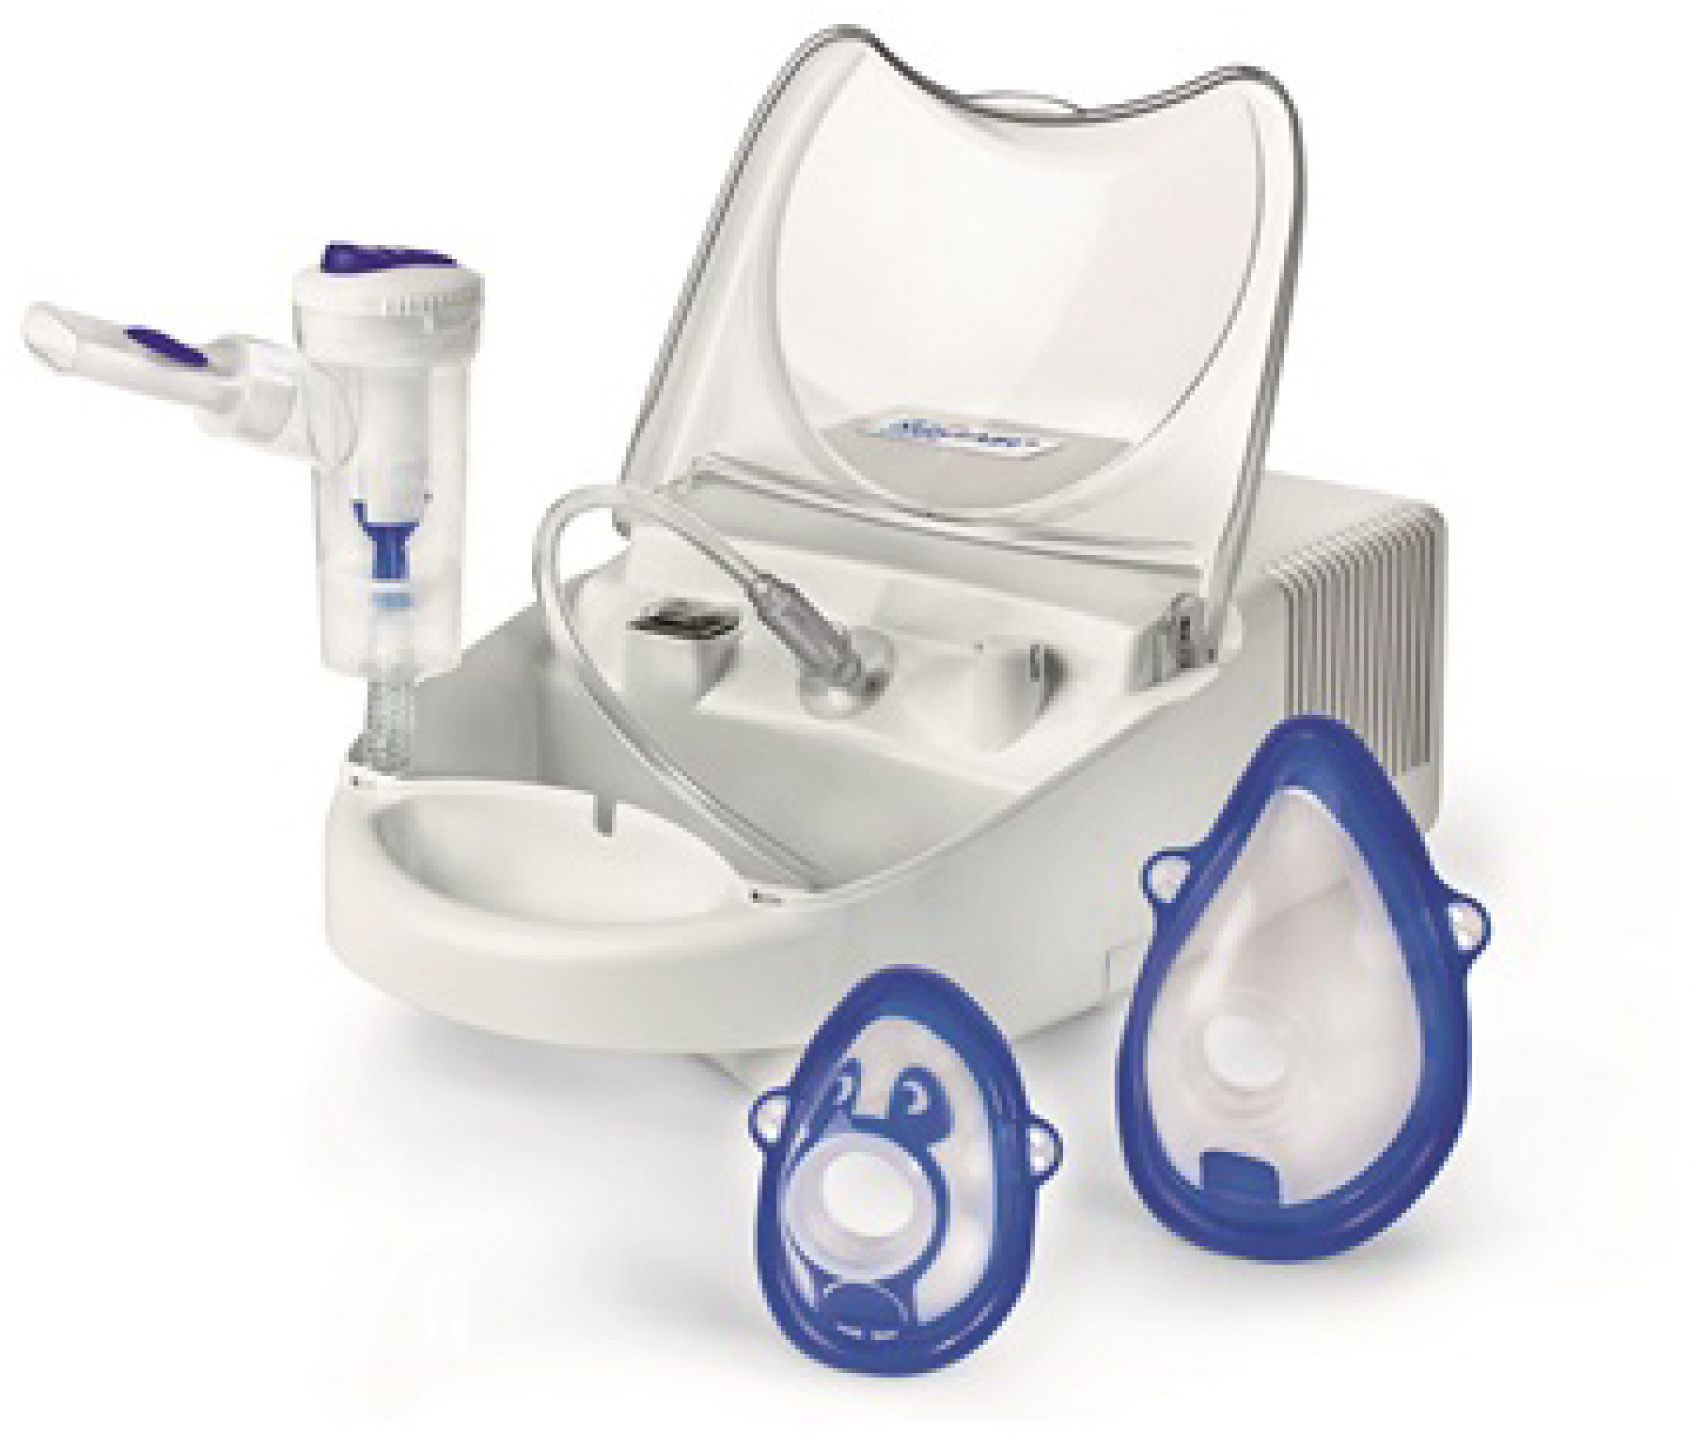 FLAEM Nebulair + Inhalator pneumatyczno-tłokowy